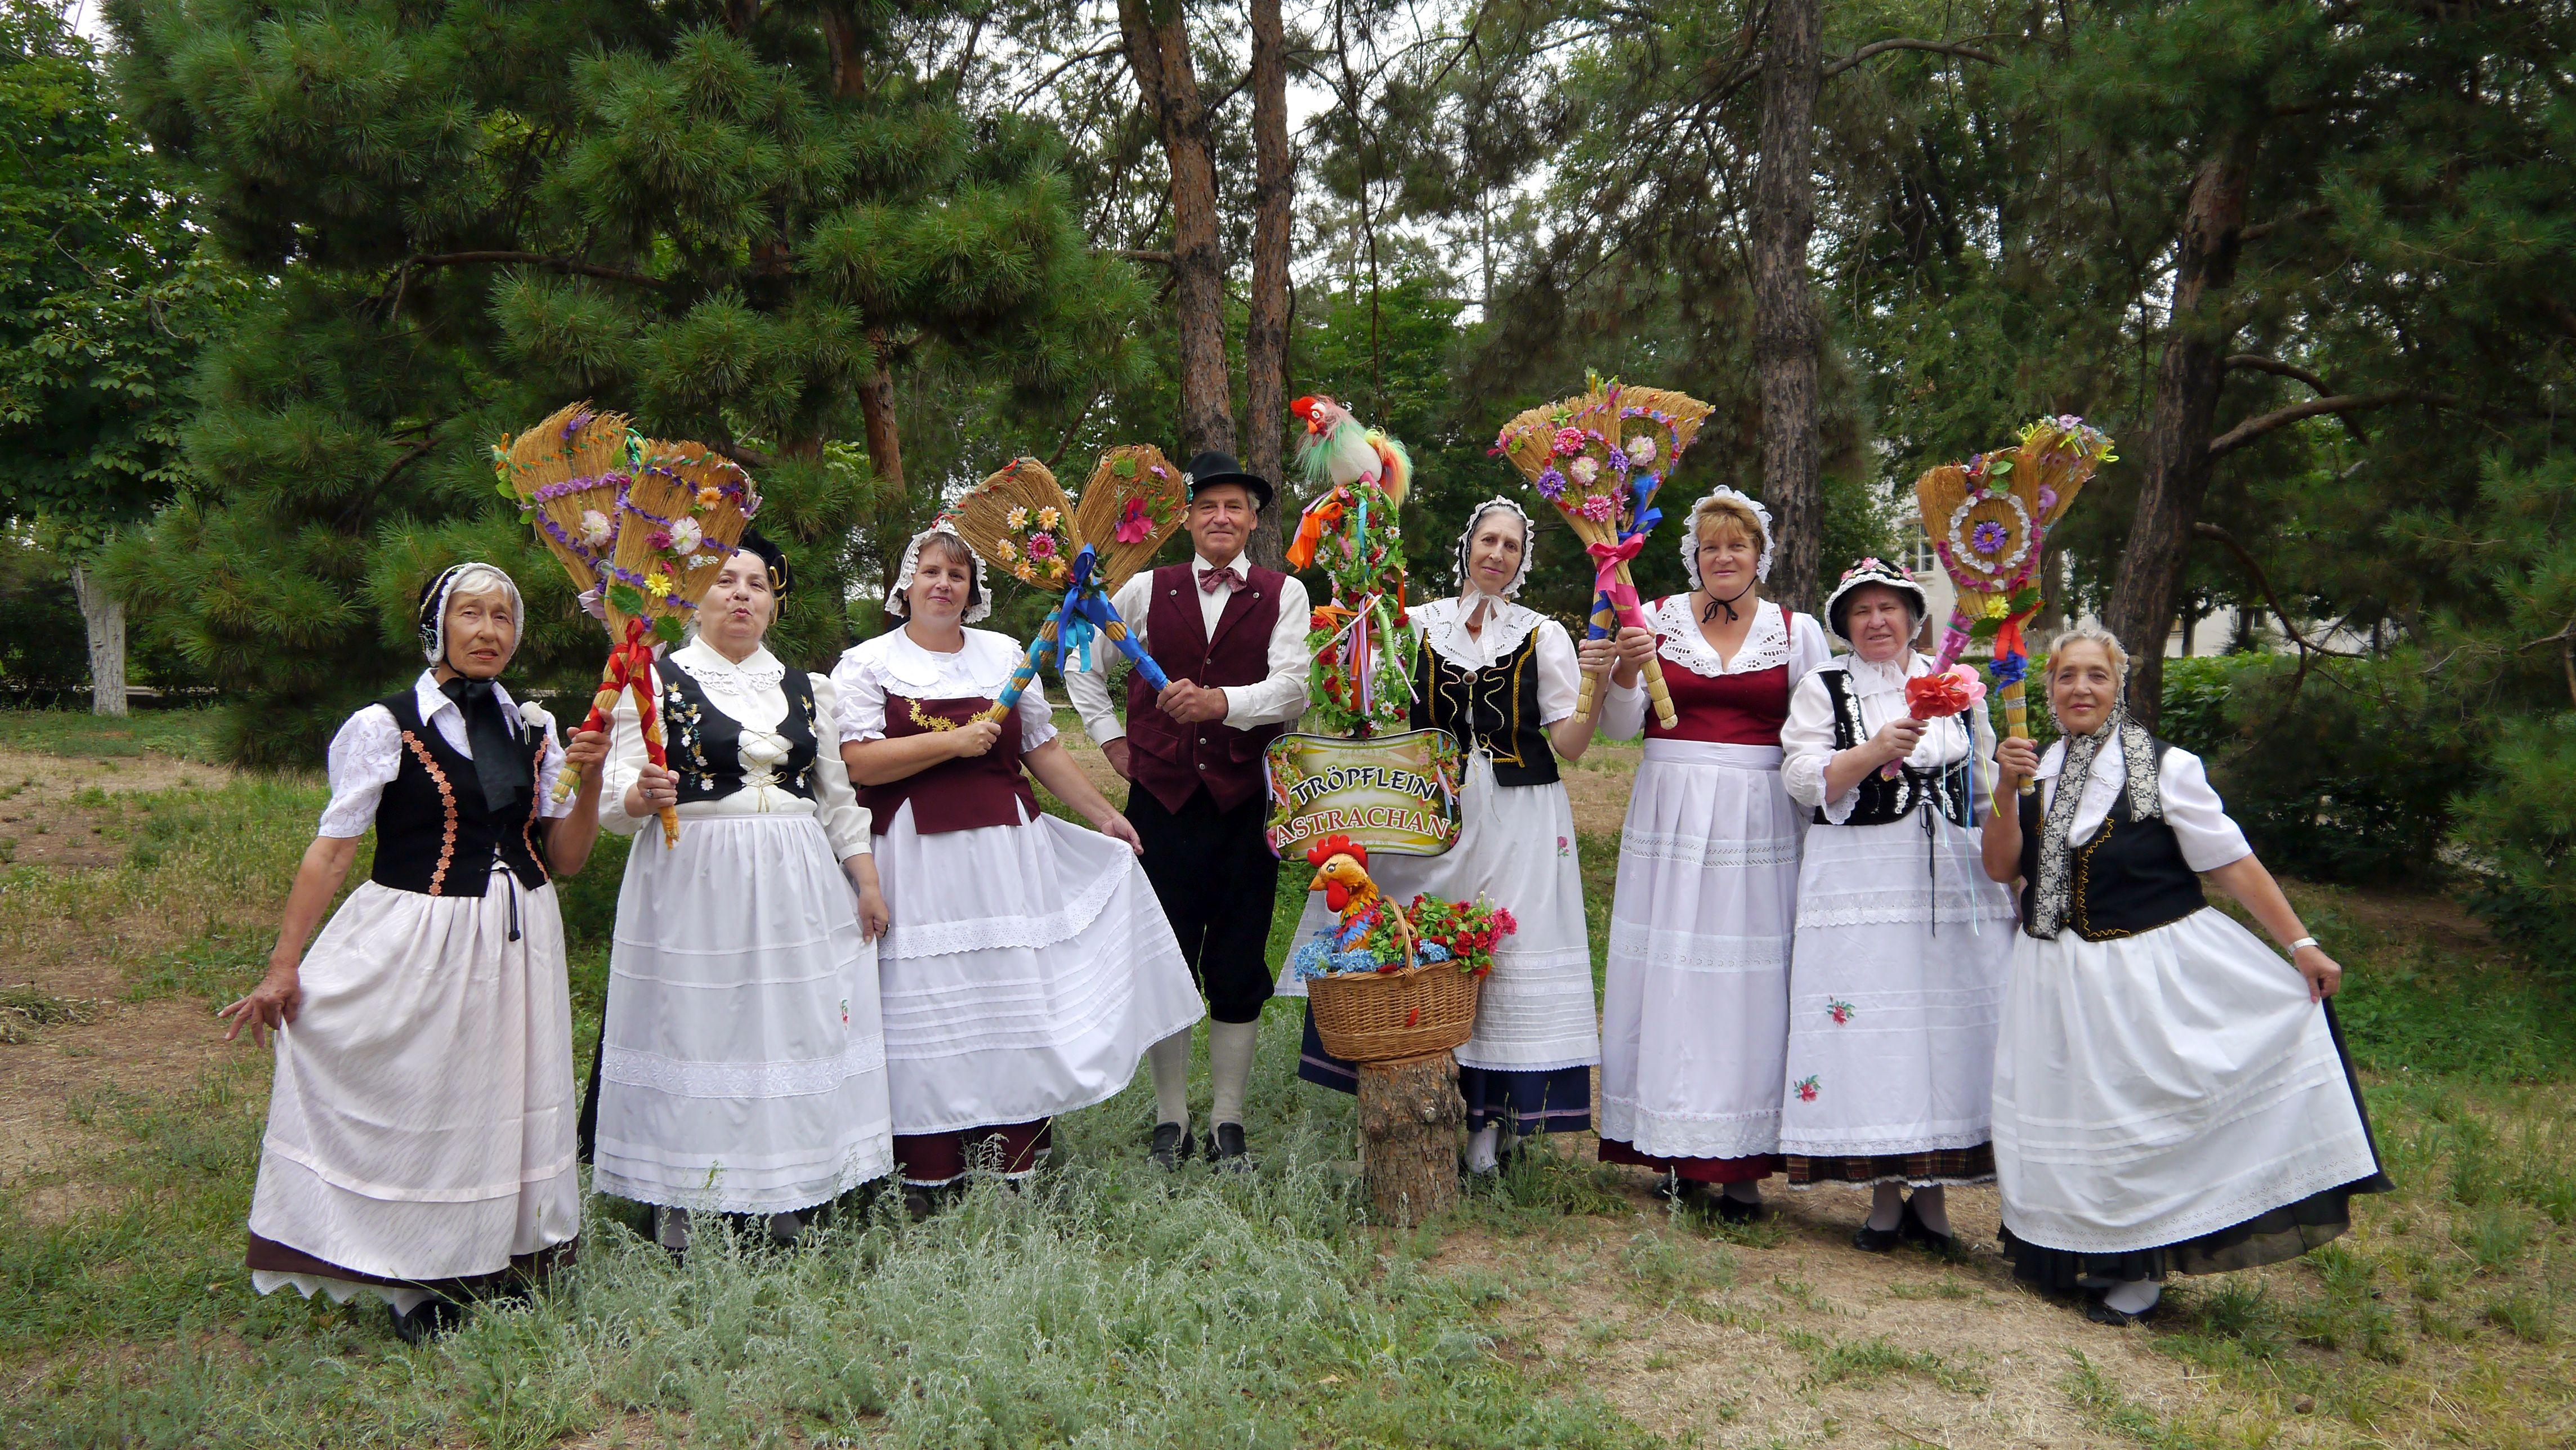 В Астрахани состоится юбилейный концерт ансамбля «Капелька» «Troepflein»